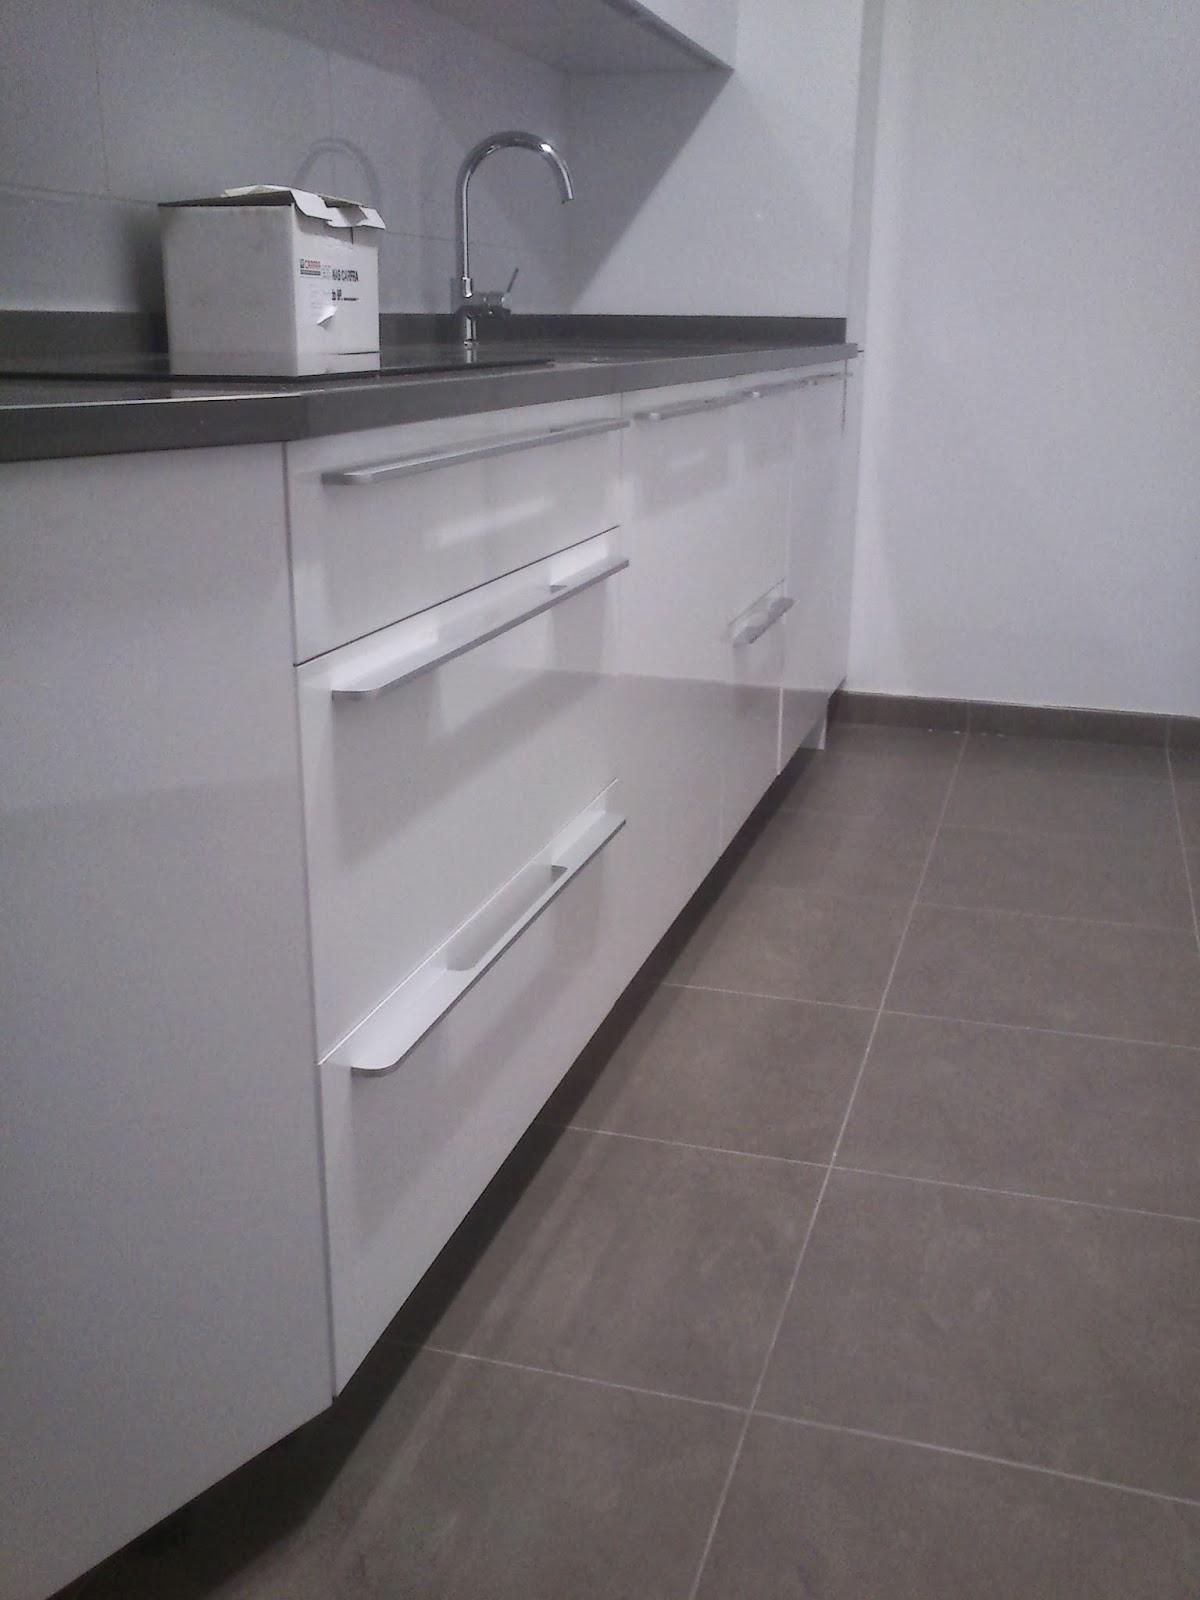 Sergio vivas carpintero colocaci n de cocina de alta for Cocinas integrales de alta gama